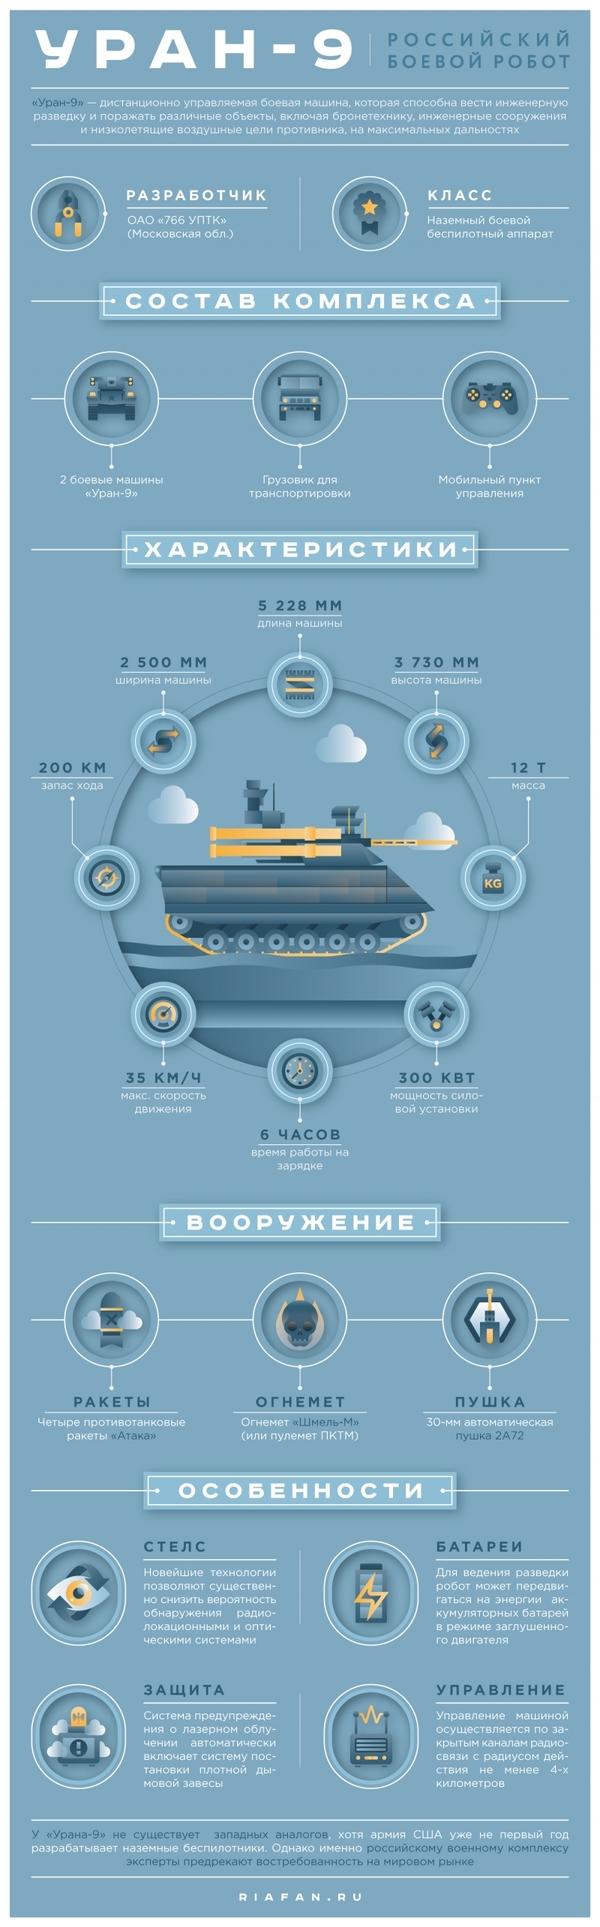 Наши боевые роботы инфографика, Робот, стырено из сети, длиннопост